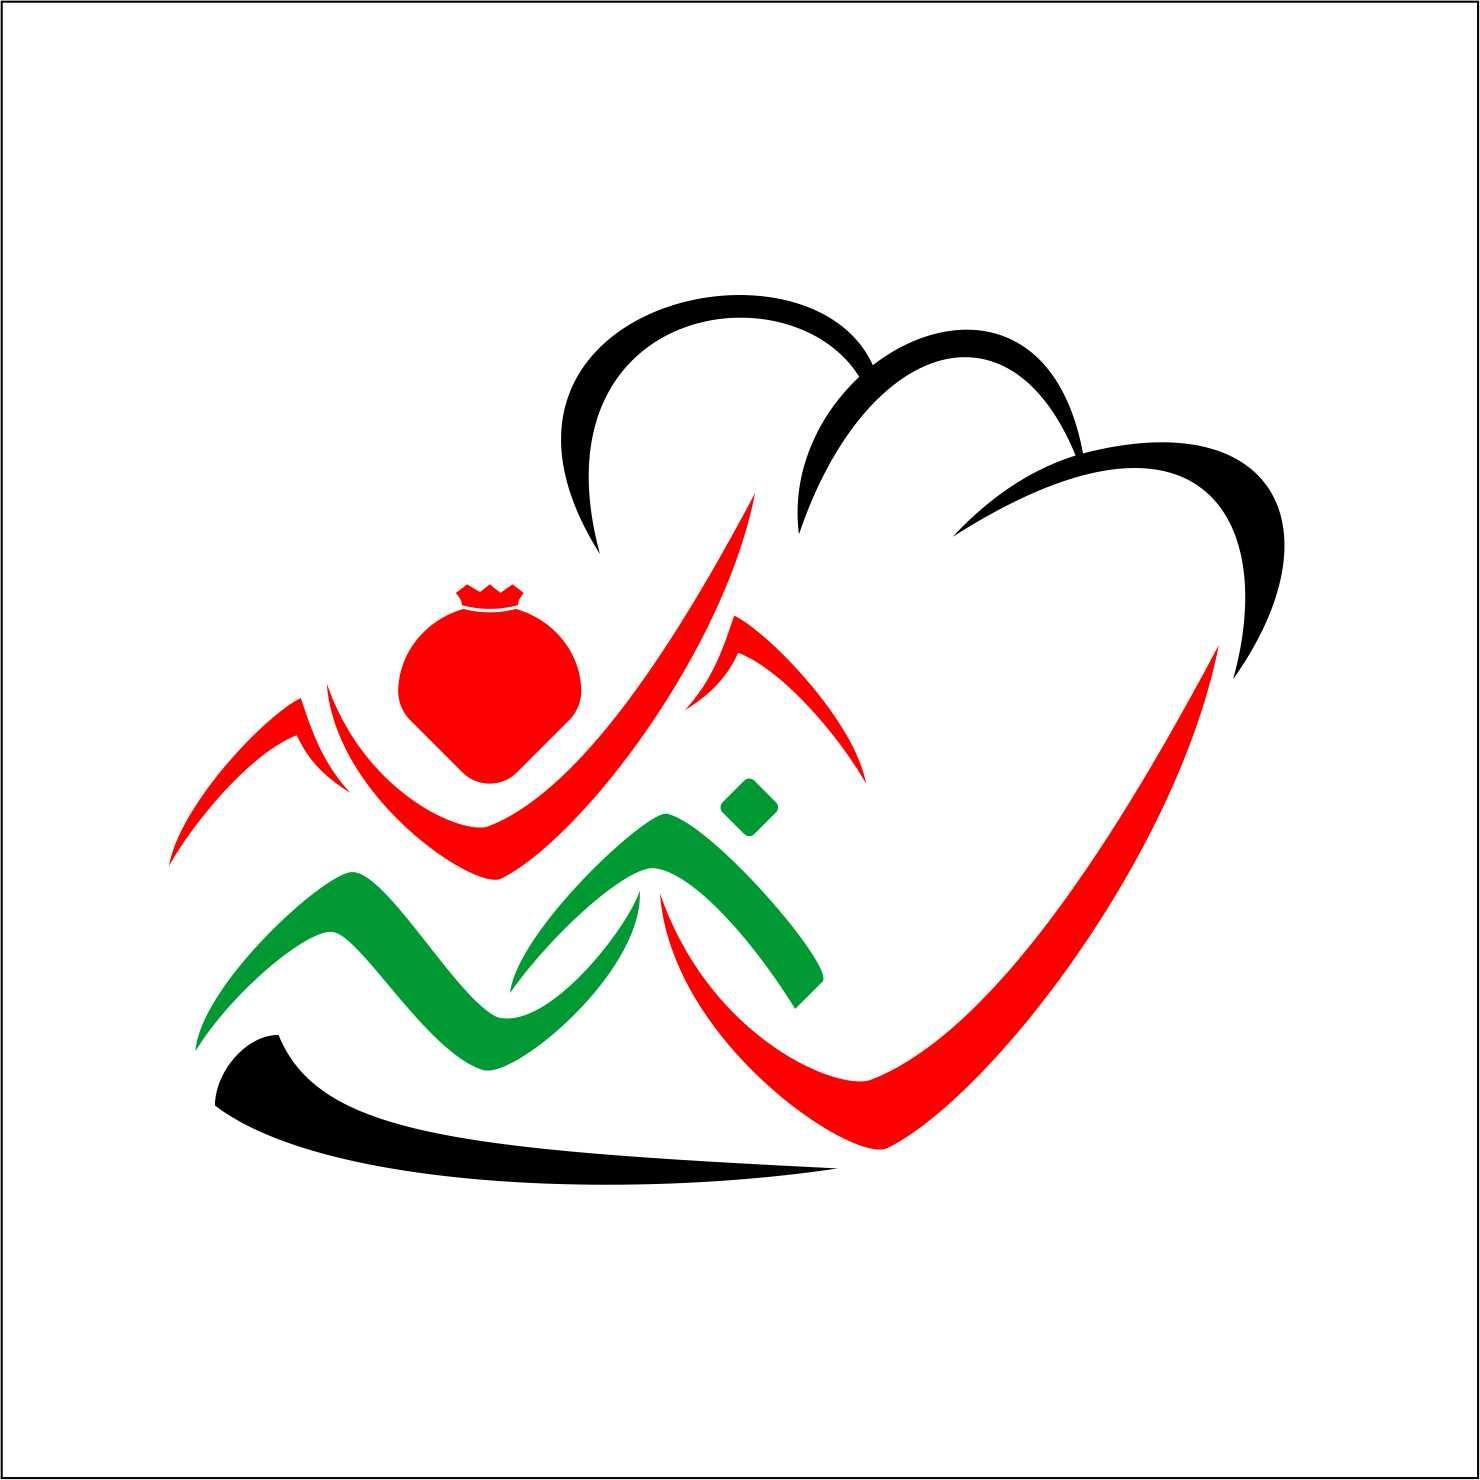 Desain Logo:  Desain Logo Delima Catering, Dengan Aksara Lontara